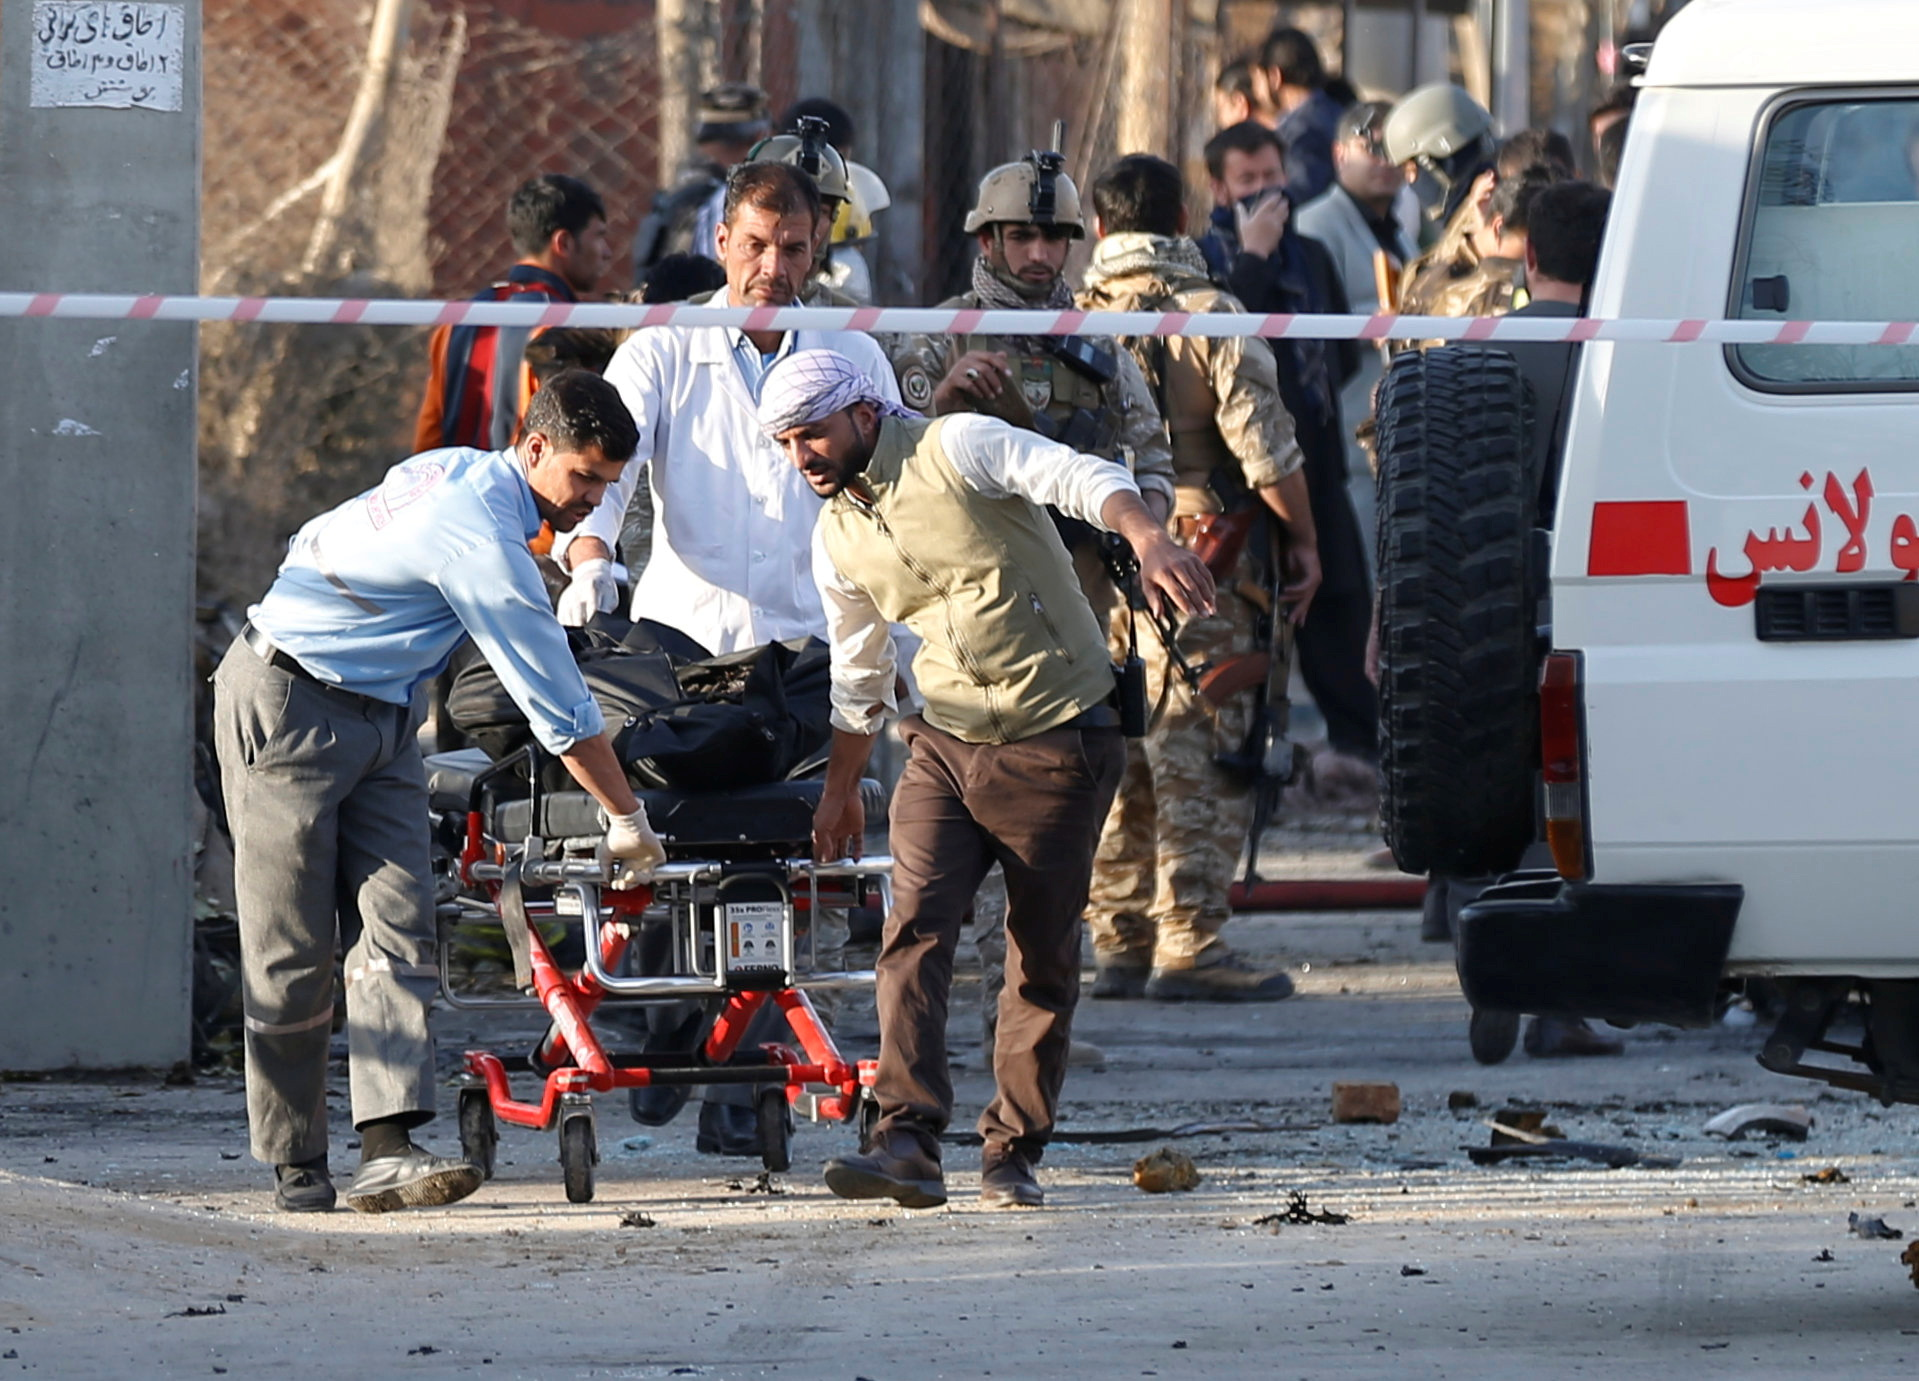 Αφγανιστάν: Πέμπτη δολοφονία δημοσιογράφου μέσα σε δυο μήνες